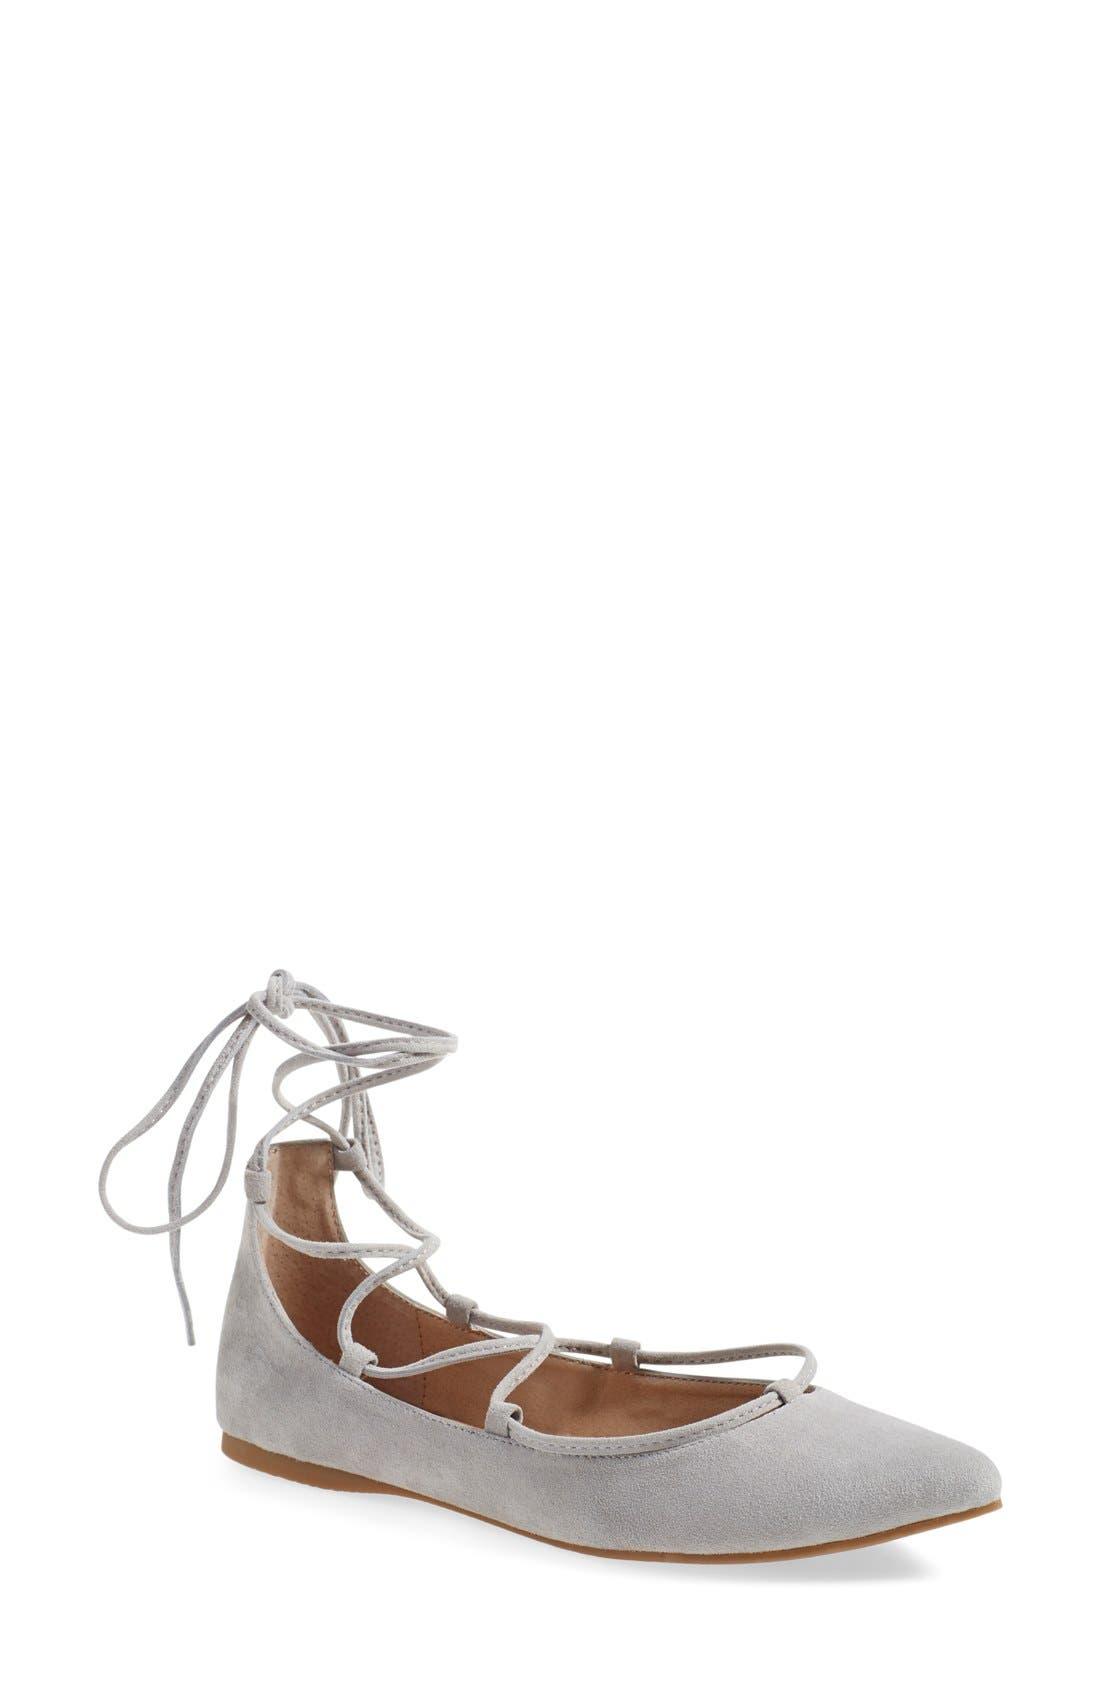 Alternate Image 1 Selected - Steve Madden 'Eleanorr' Ballet Flat (Women)